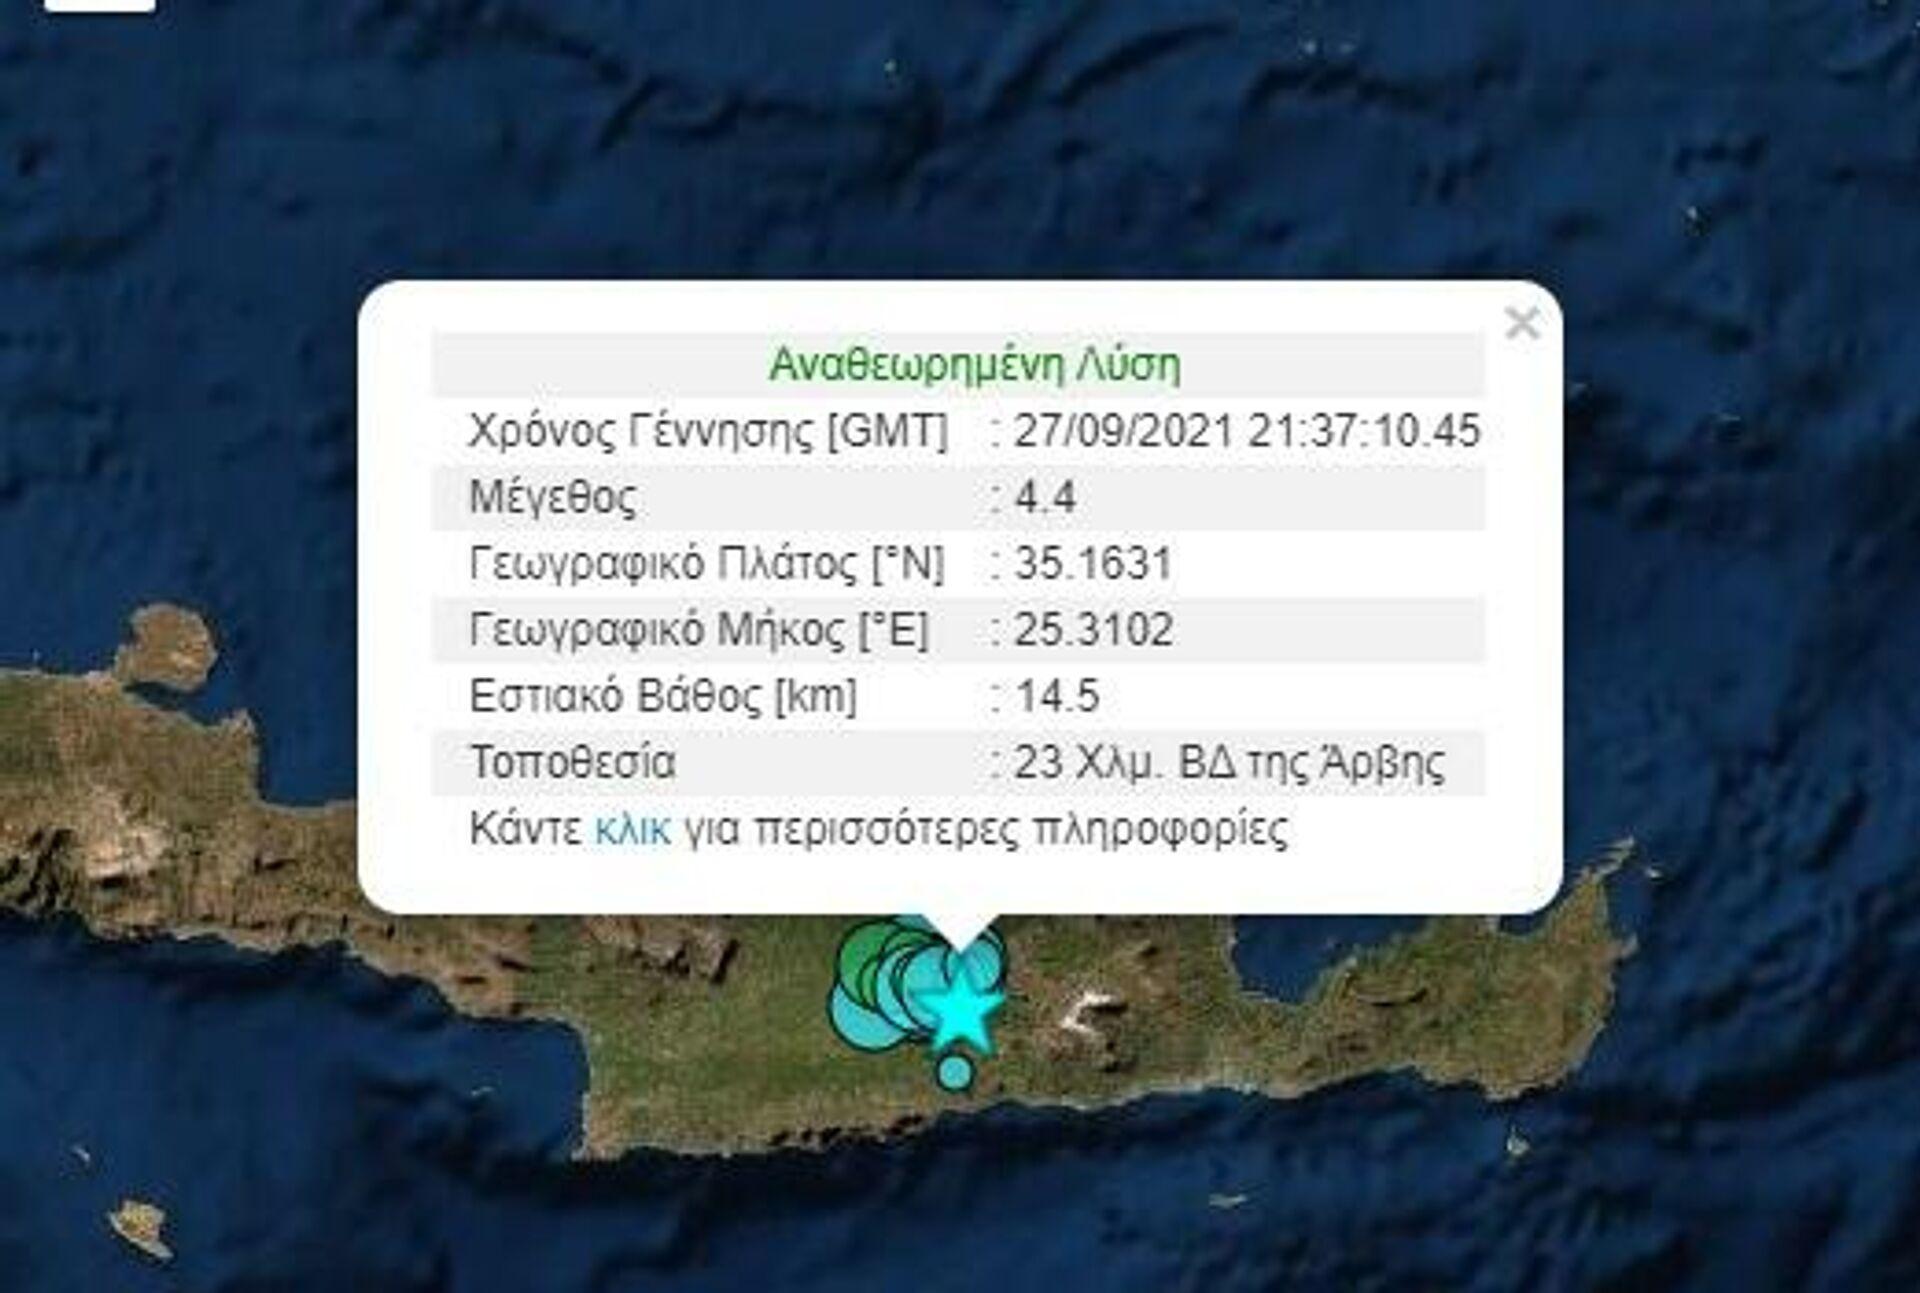 Σεισμός στην Κρήτη - Sputnik Ελλάδα, 1920, 28.09.2021